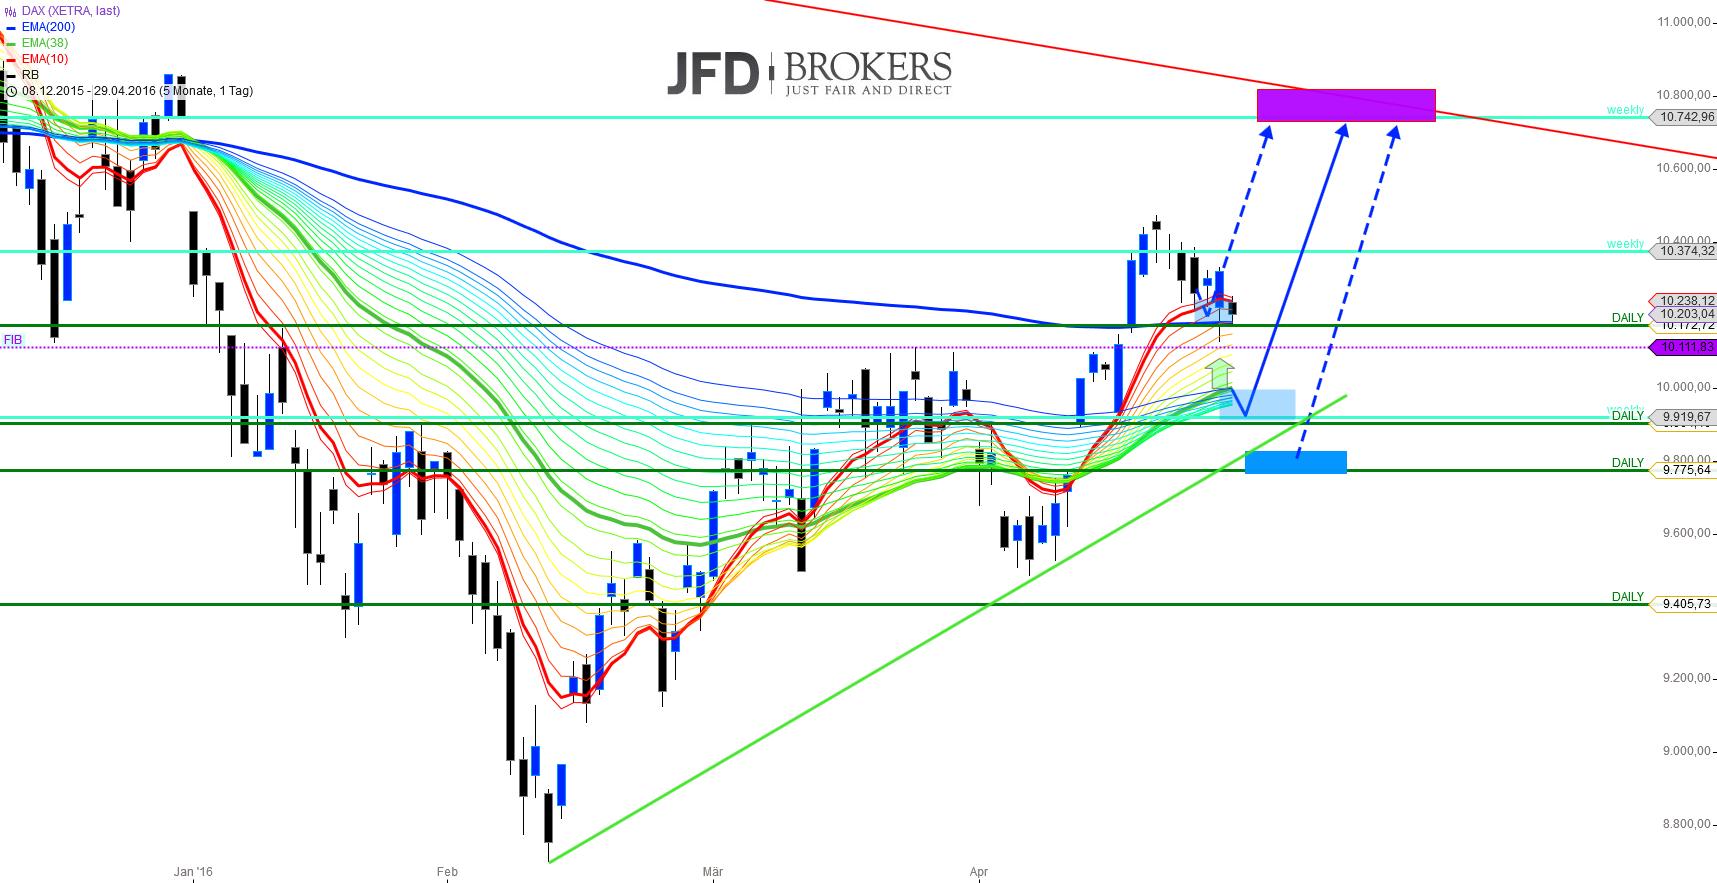 DAX-Update-Wochenausblick-Kommentar-JFD-Brokers-GodmodeTrader.de-1